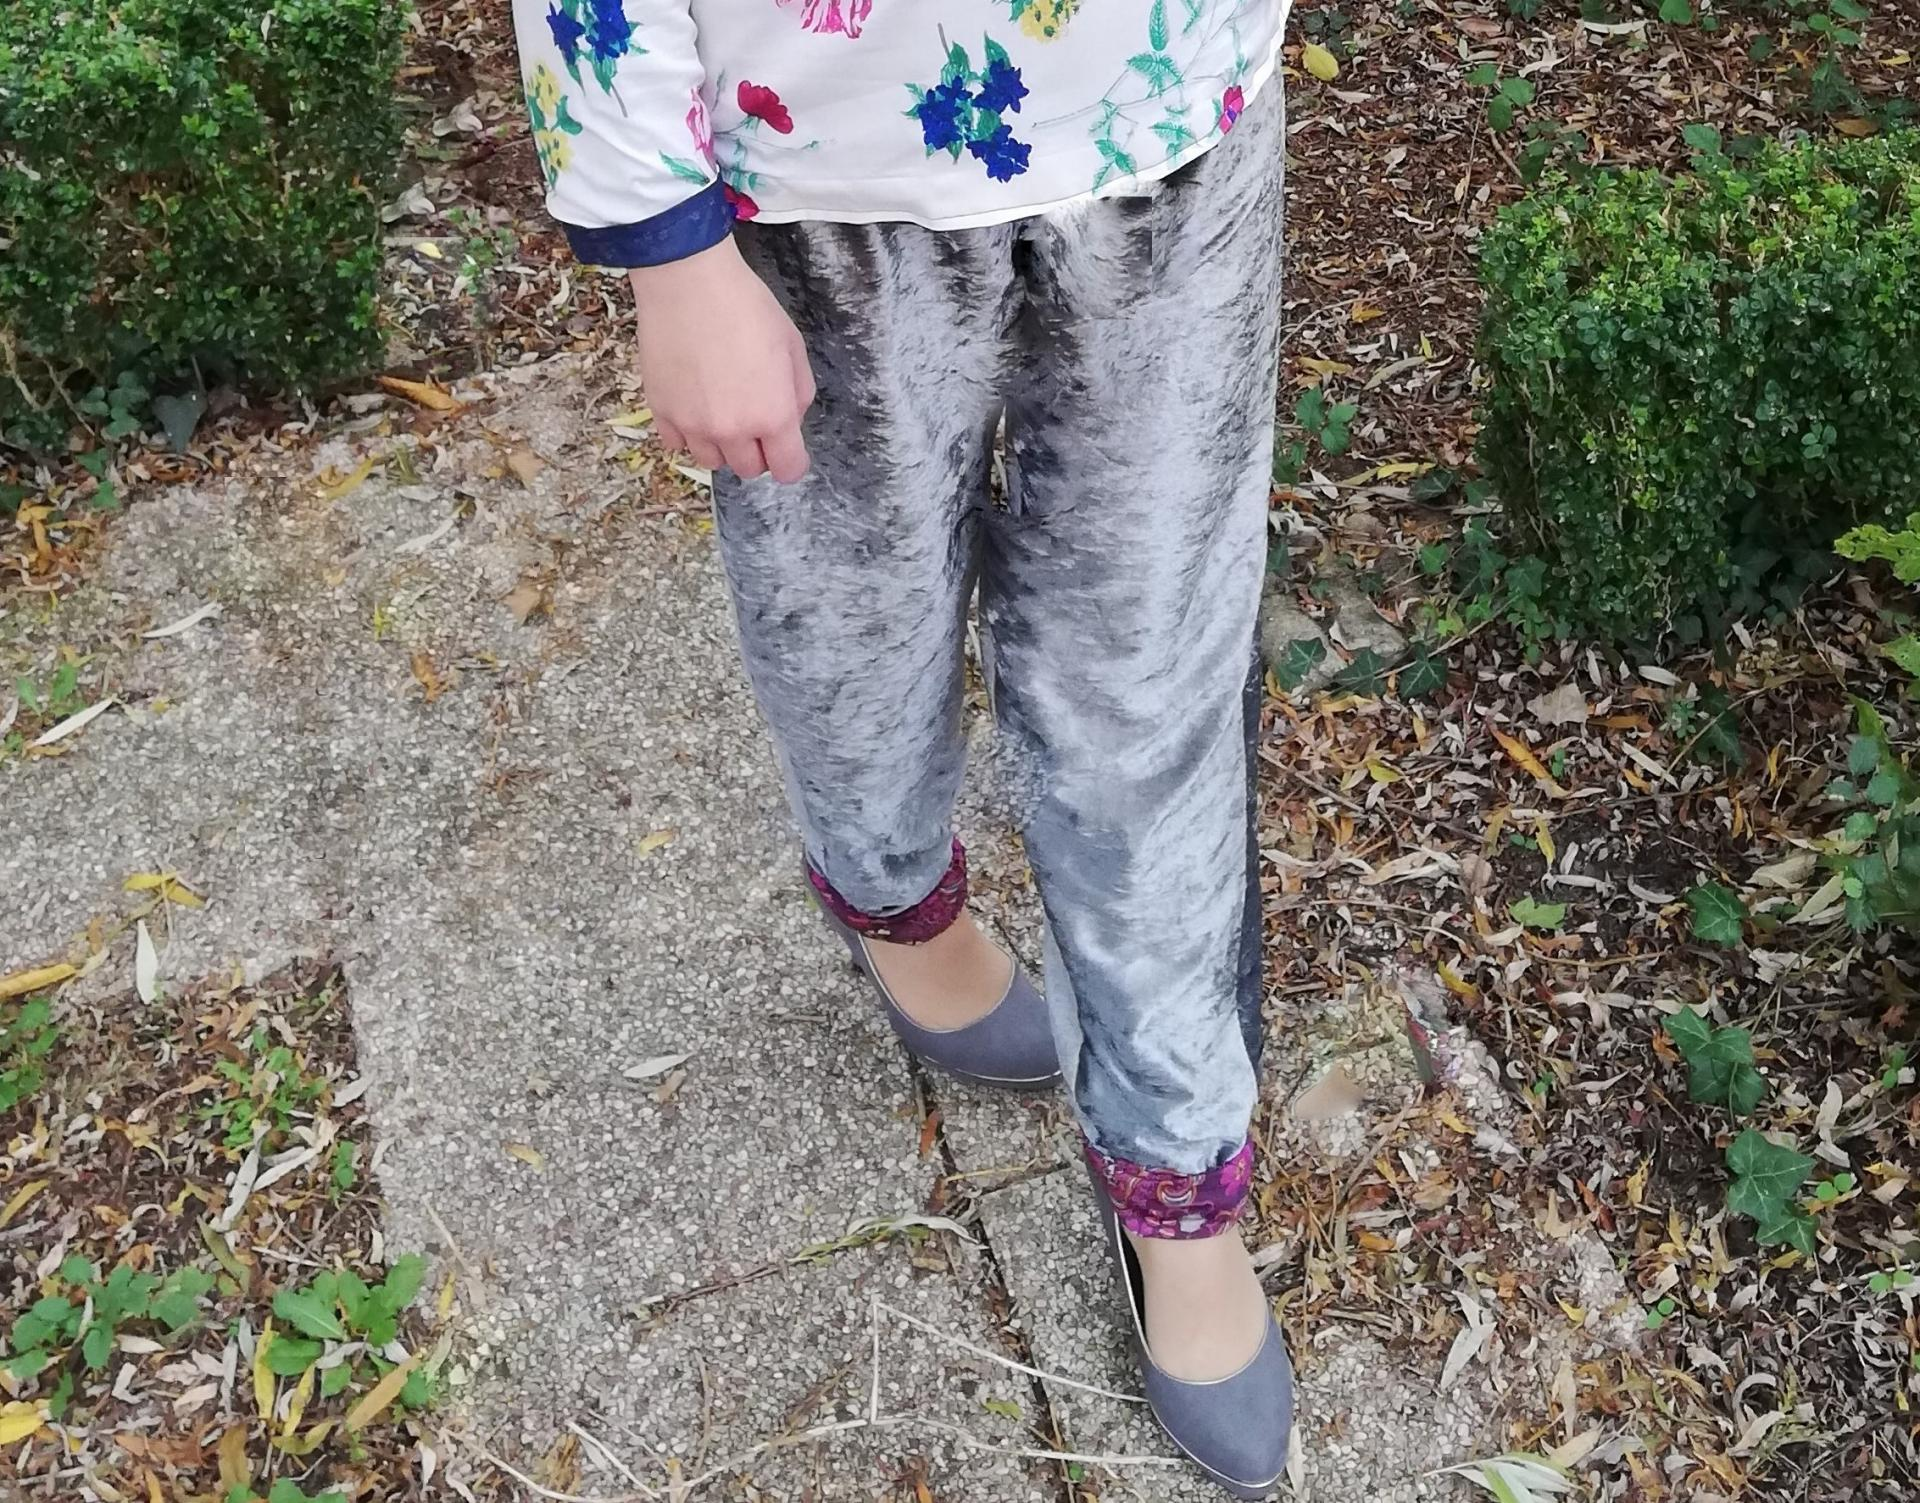 Haut recto verso incrustation dentelle faite main bas de la nuque imprime fleuri et liberty pantalon souple reversible velours et jersey imprime detail